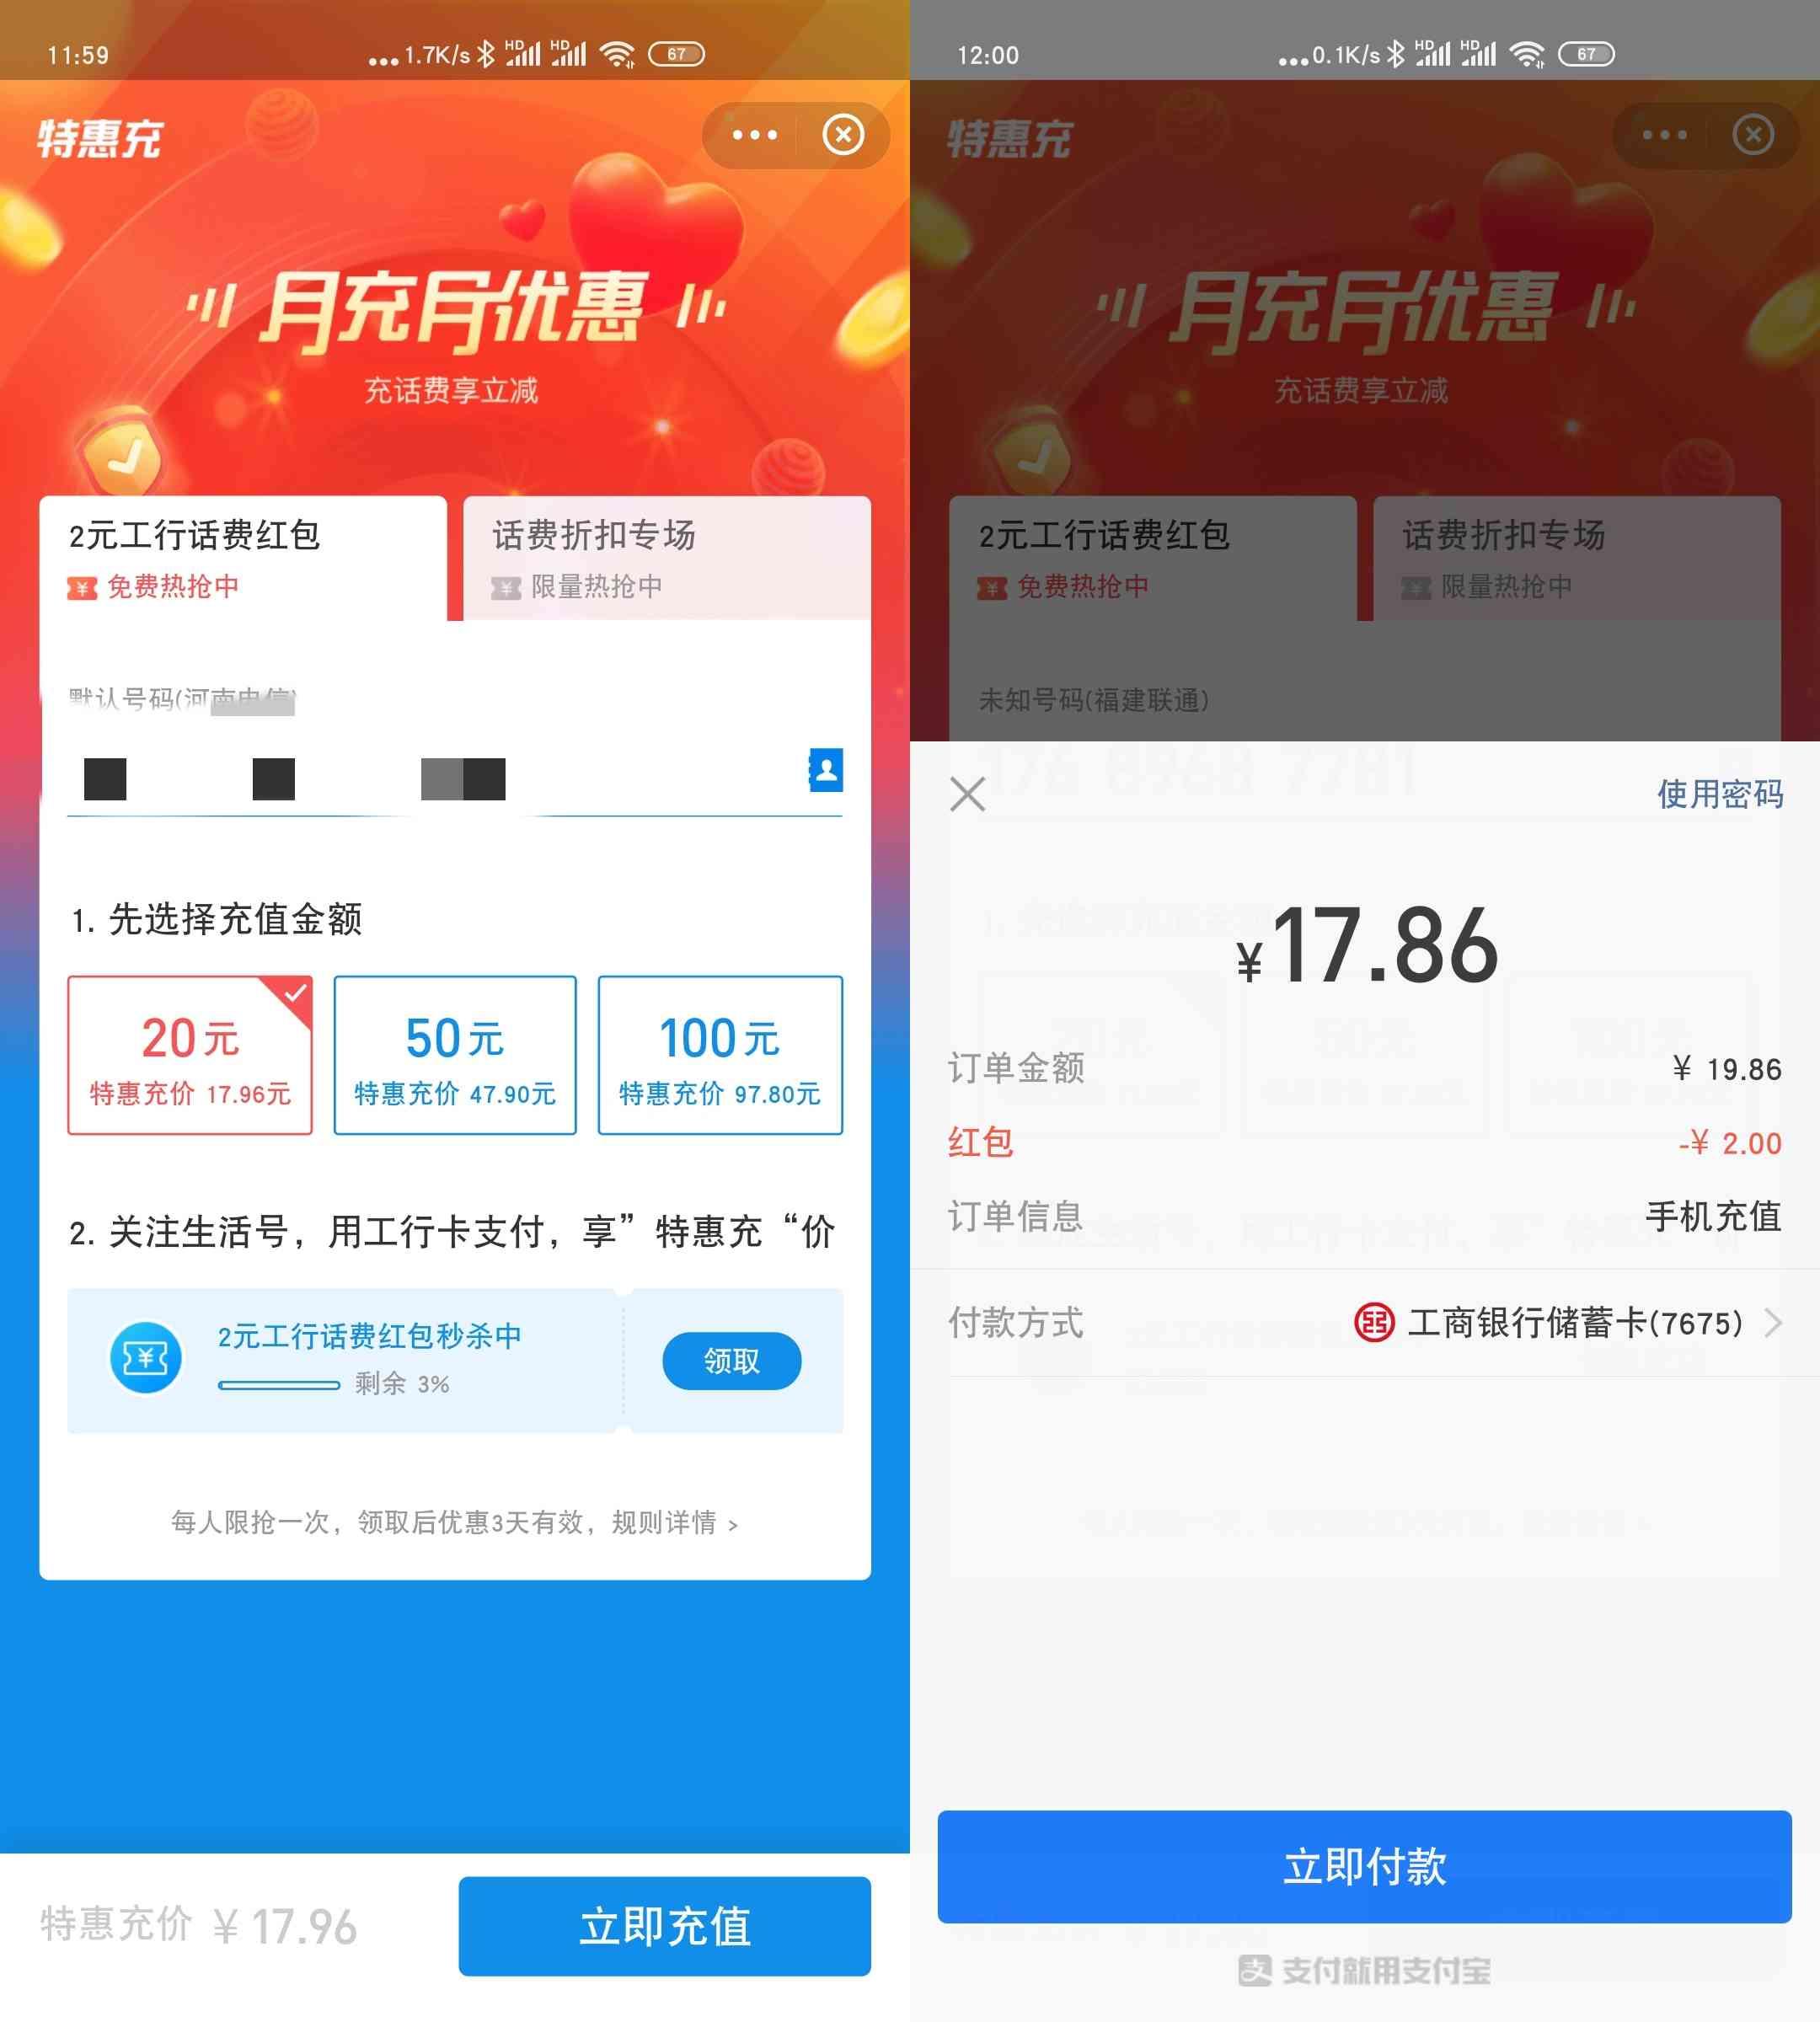 支付宝app使用工行卡话费充值优惠,满20立减2元